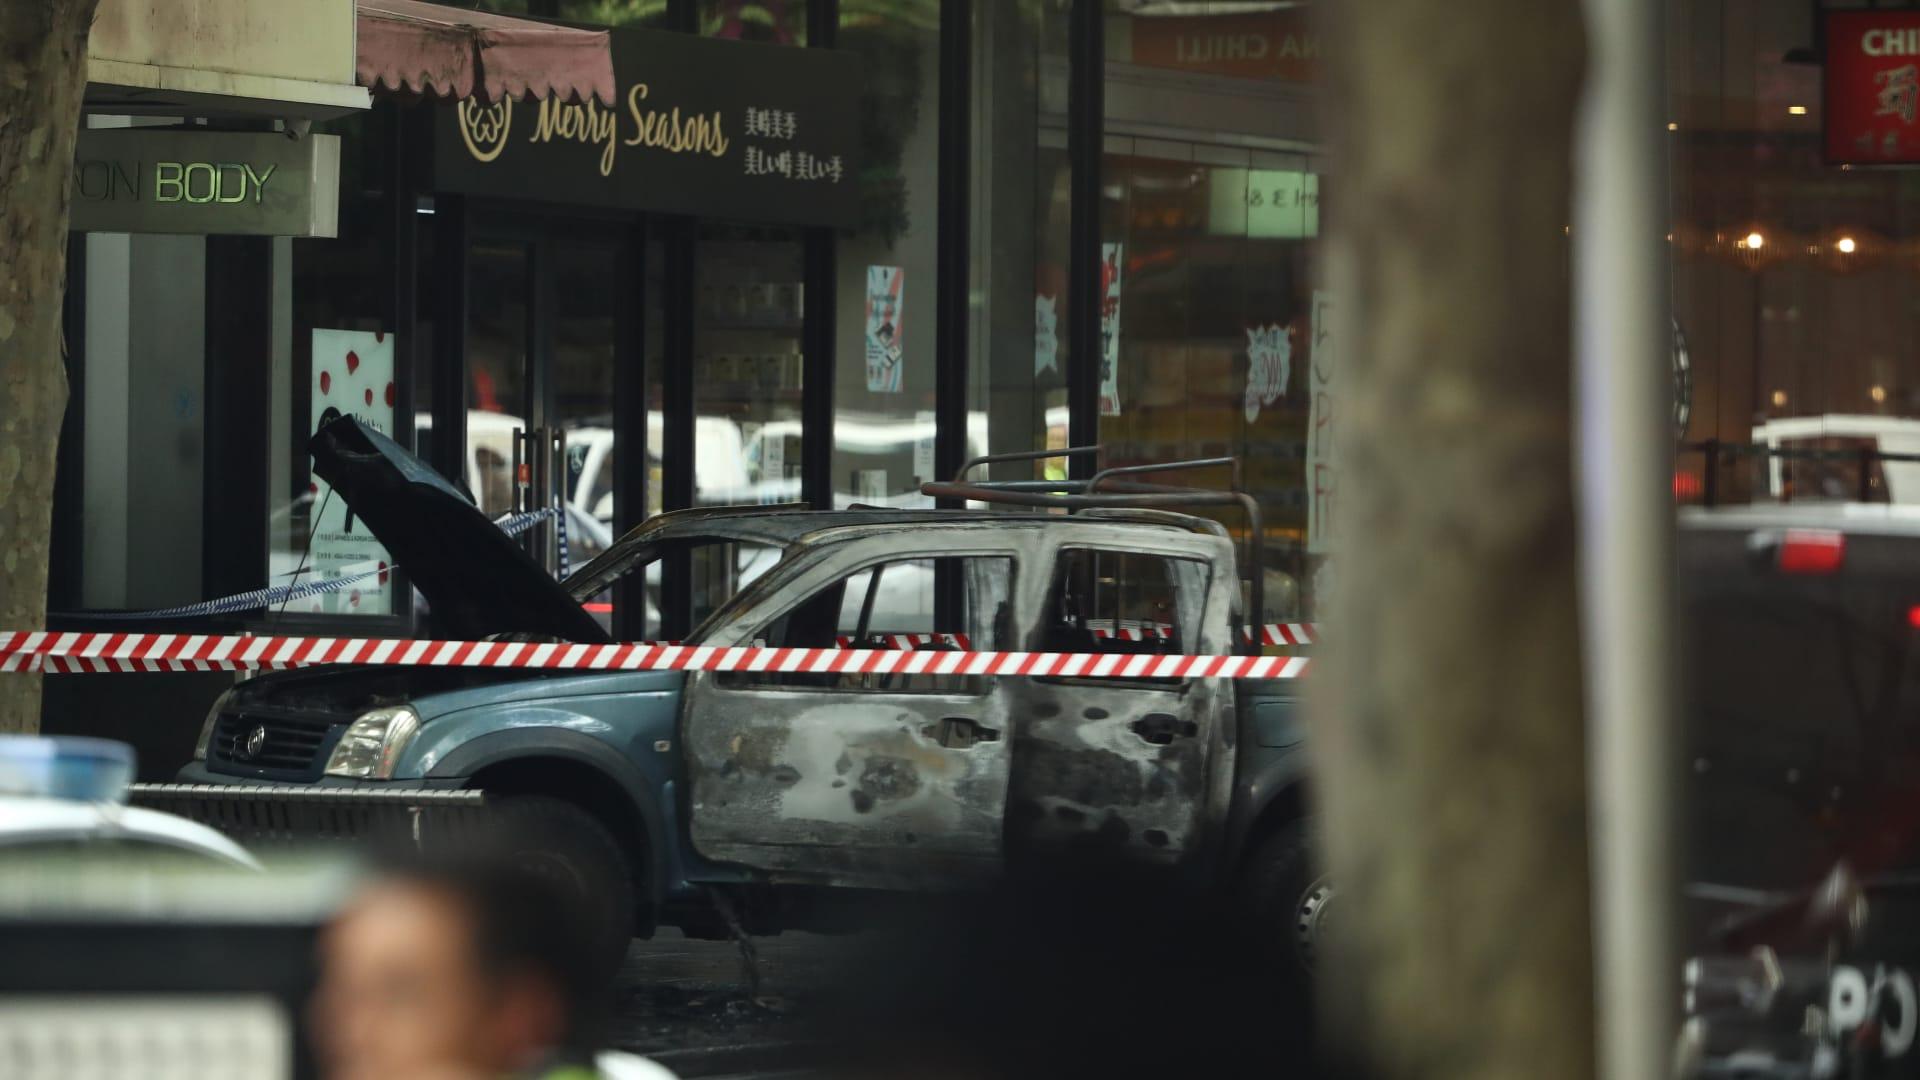 الشرطة الأسترالية تستجيب لحادث طعن في ملبورن وتعتقل شخصا